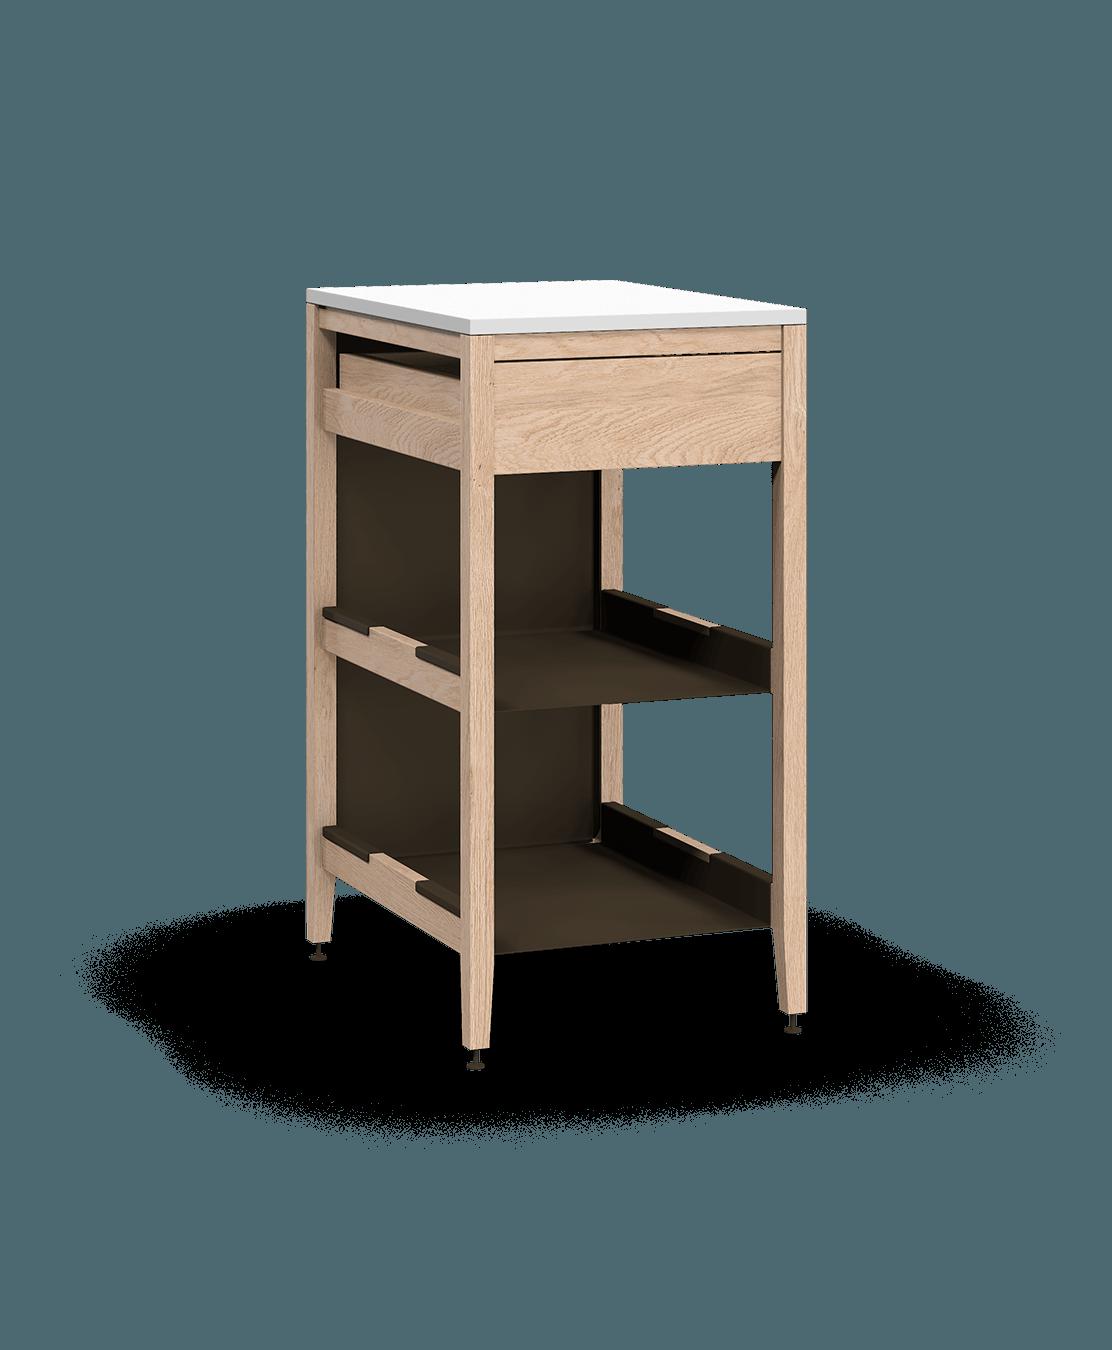 armoire de cuisine modulaire inférieure en bois massif coquo radix avec 2 tablettes 1 tiroir chêne blanc 21 pouces C1-C-21TB-1021-NA